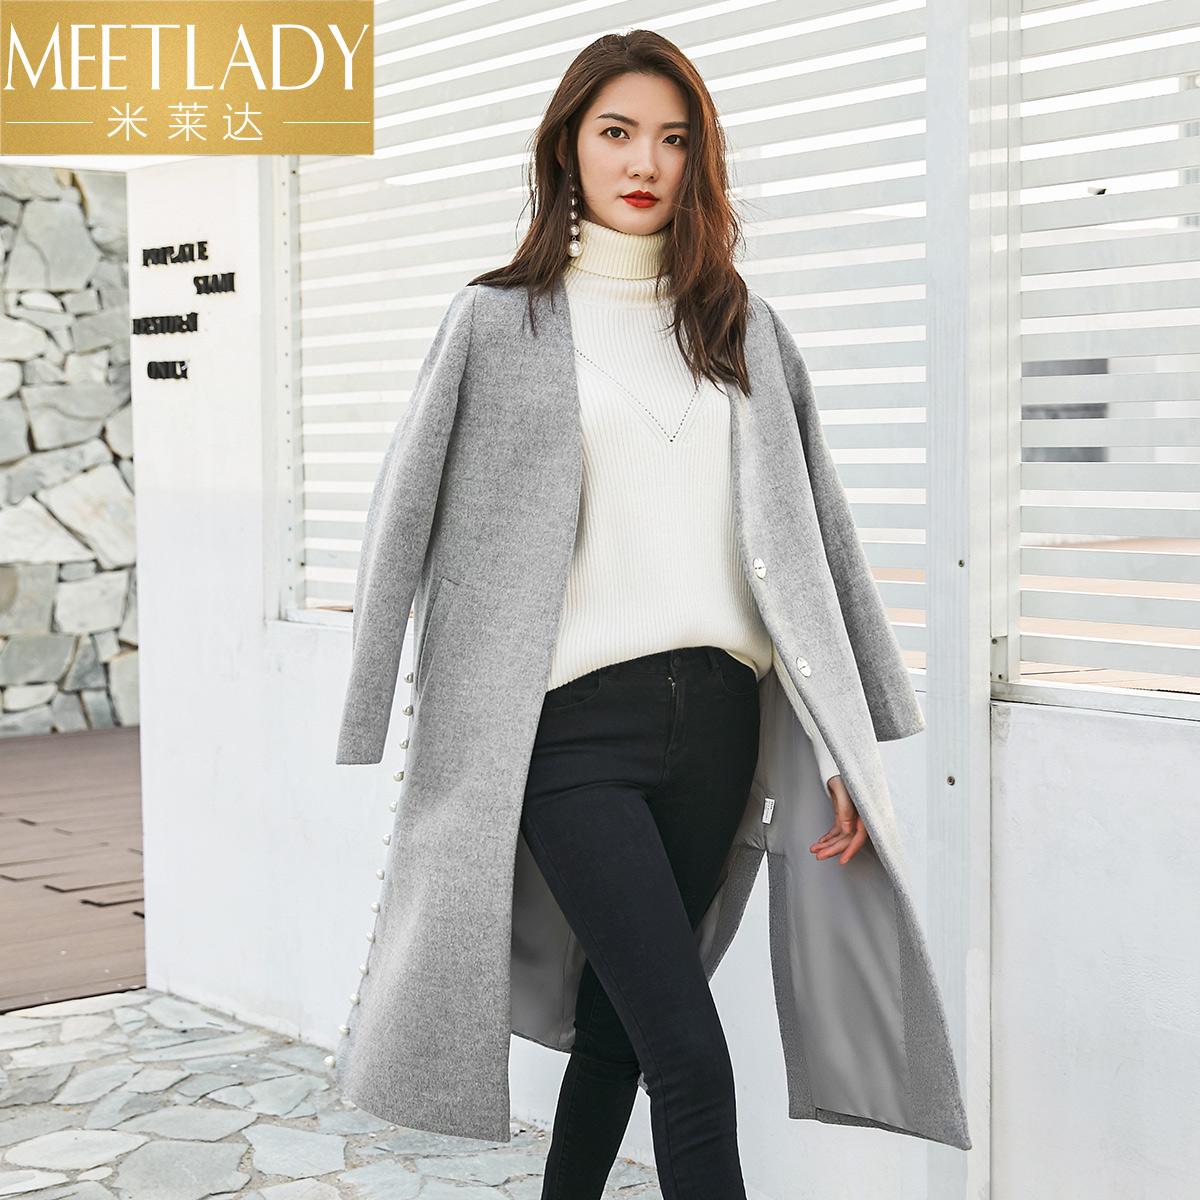 米莱达2018装新款长款V领纯色外套毛呢呢大衣秋7LNLN128